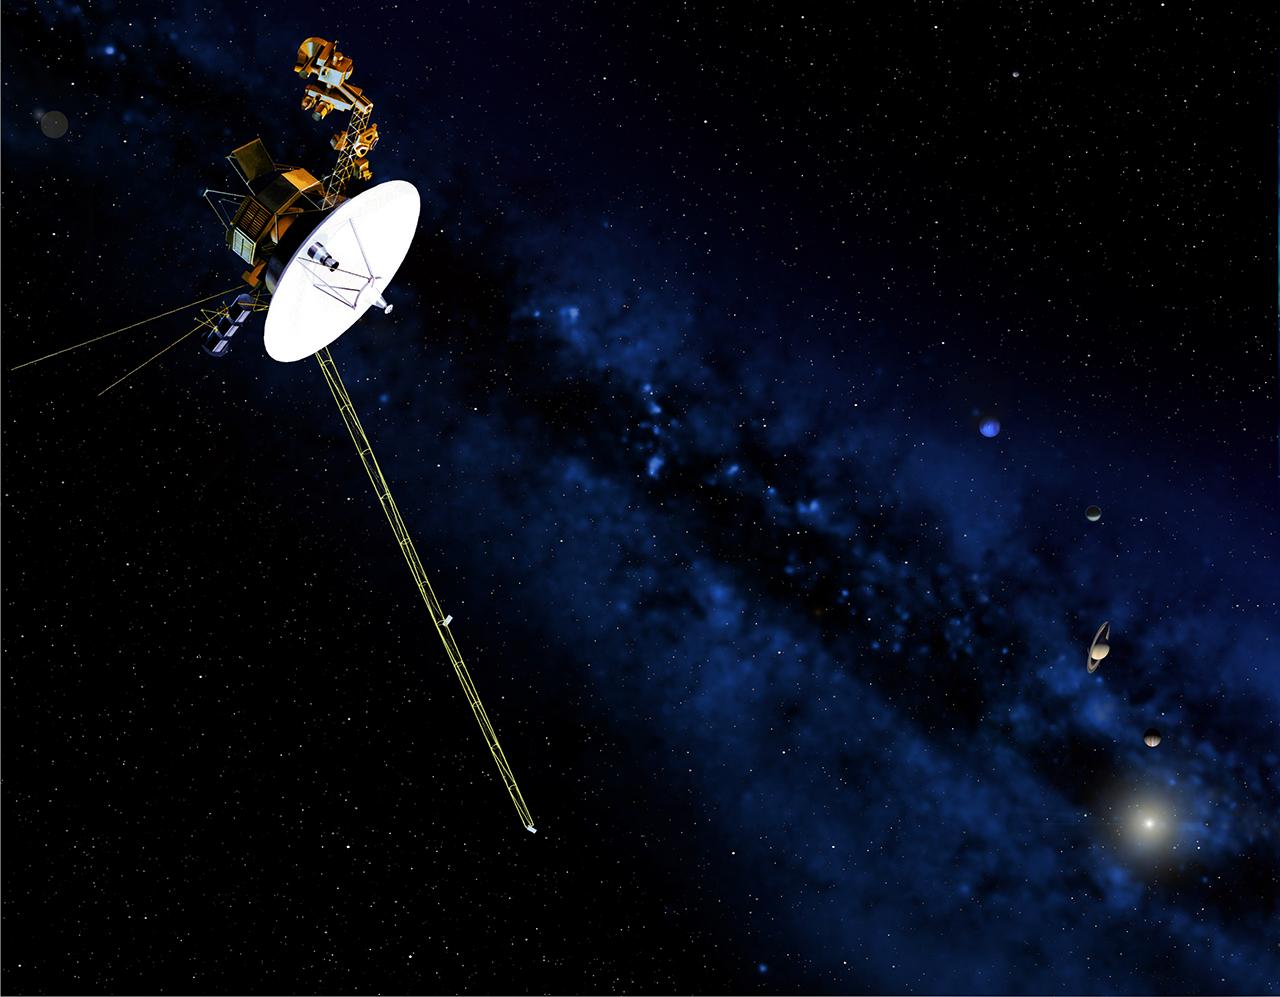 المركبة فويجر 2 تتجاوز معركة ضارية بين الرياح الشمسية والأشعة الكونية